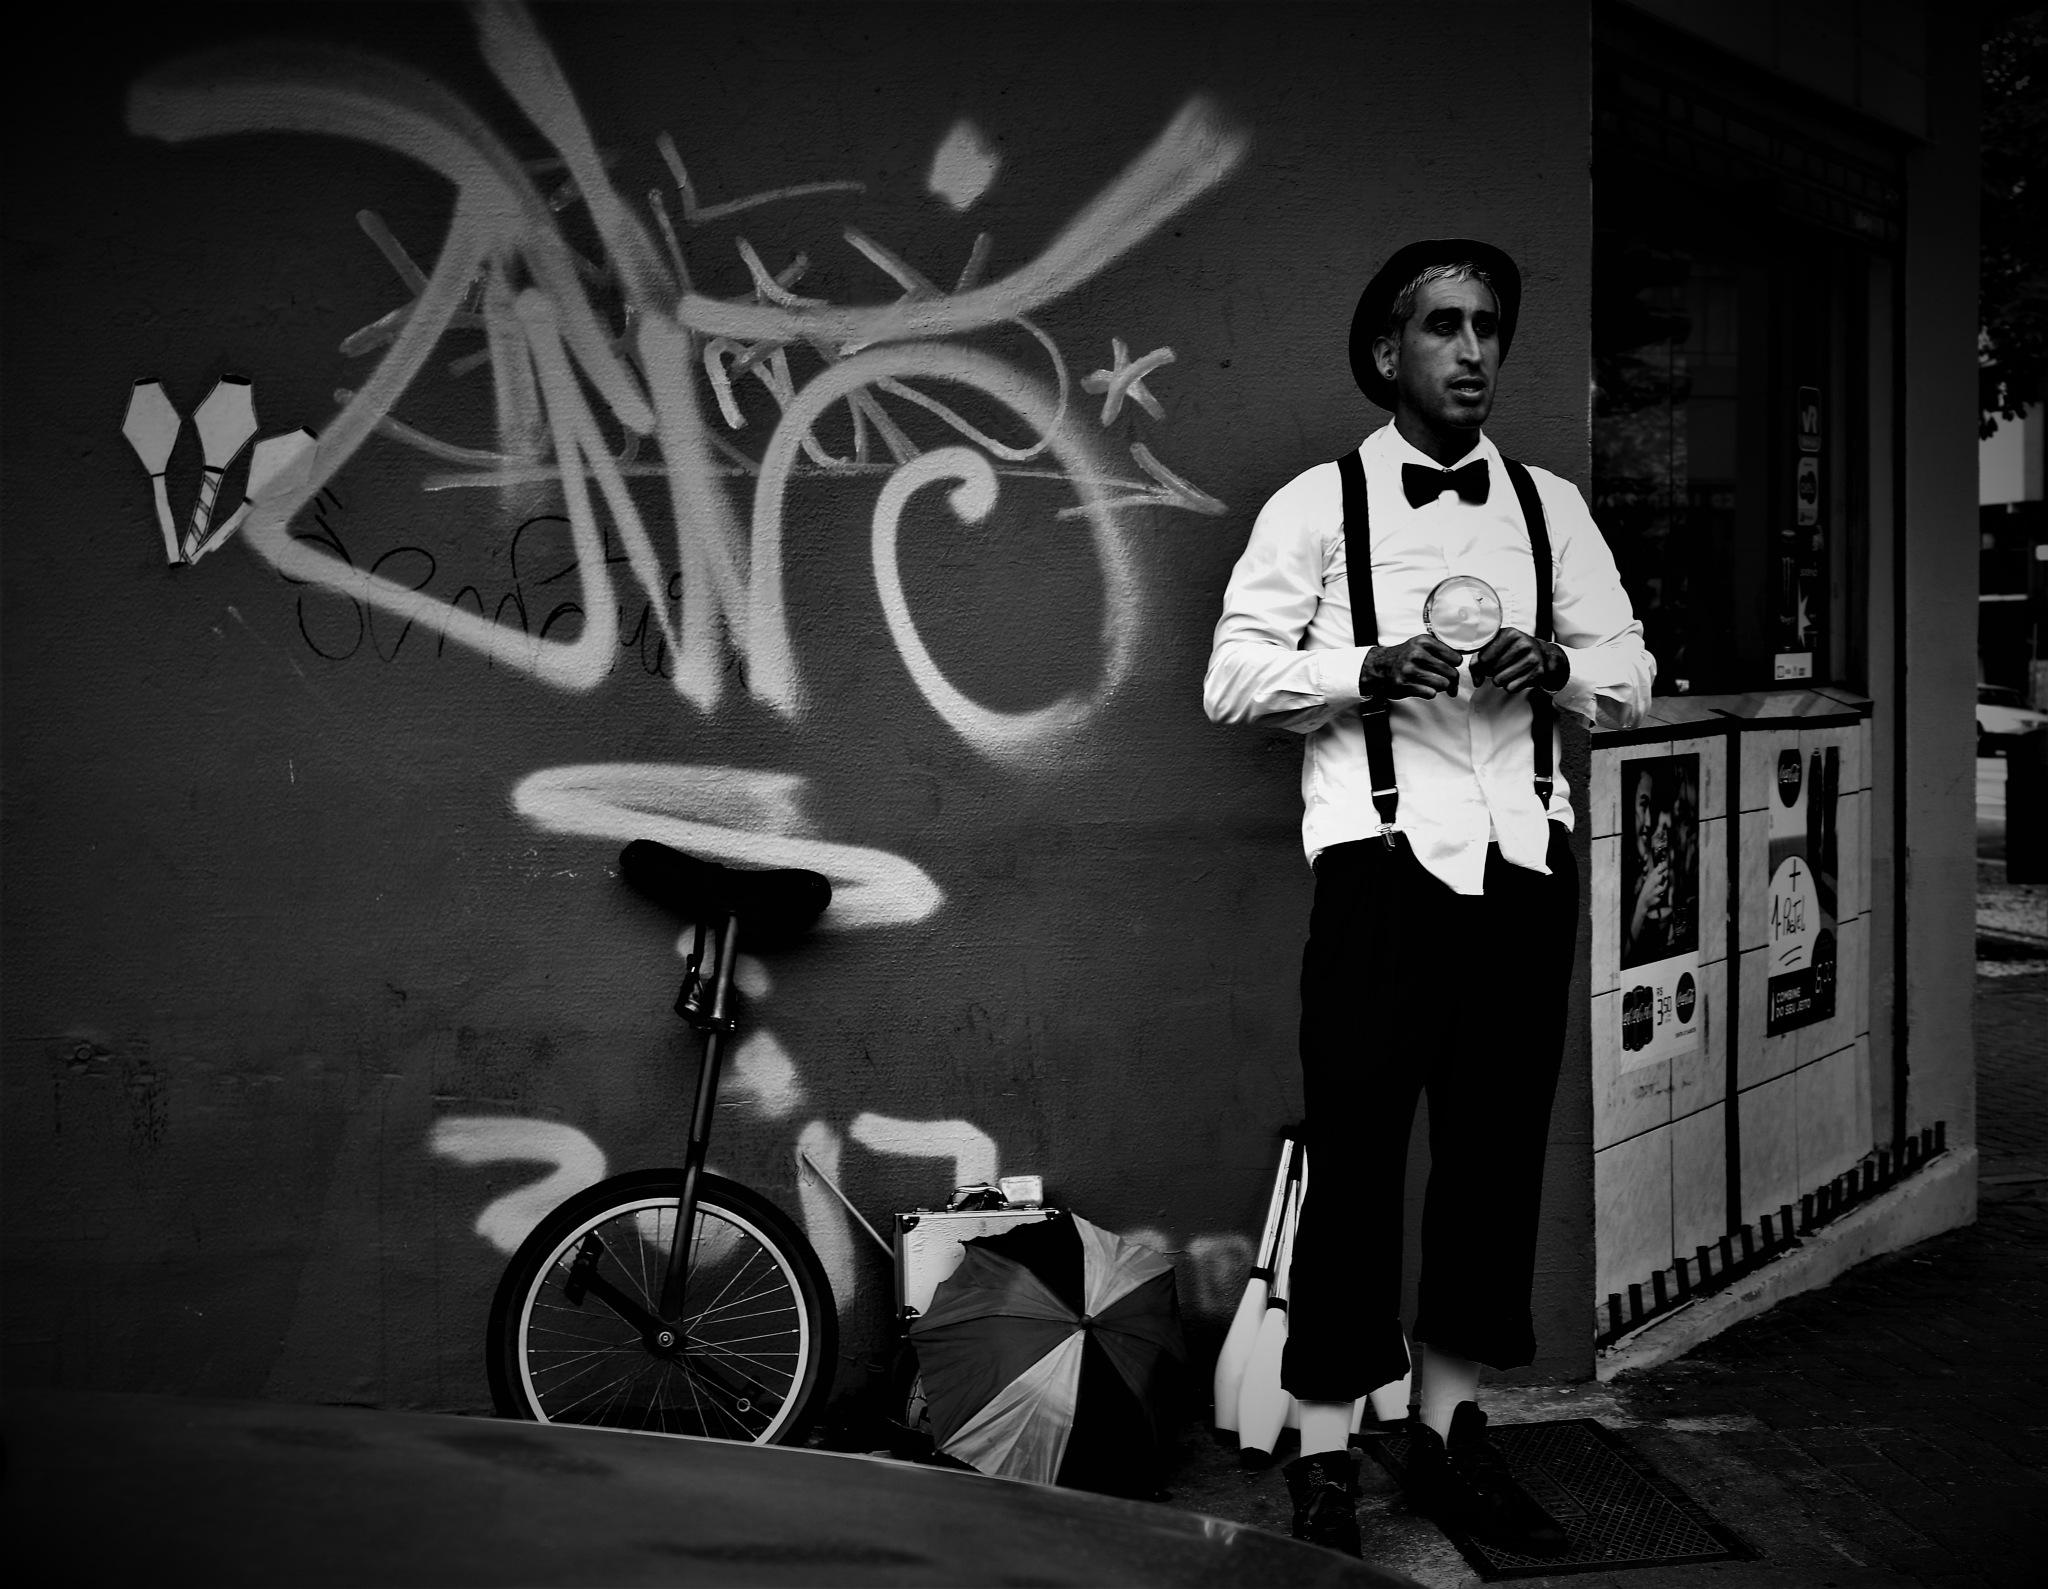 Na Rua by Emerson Mazza